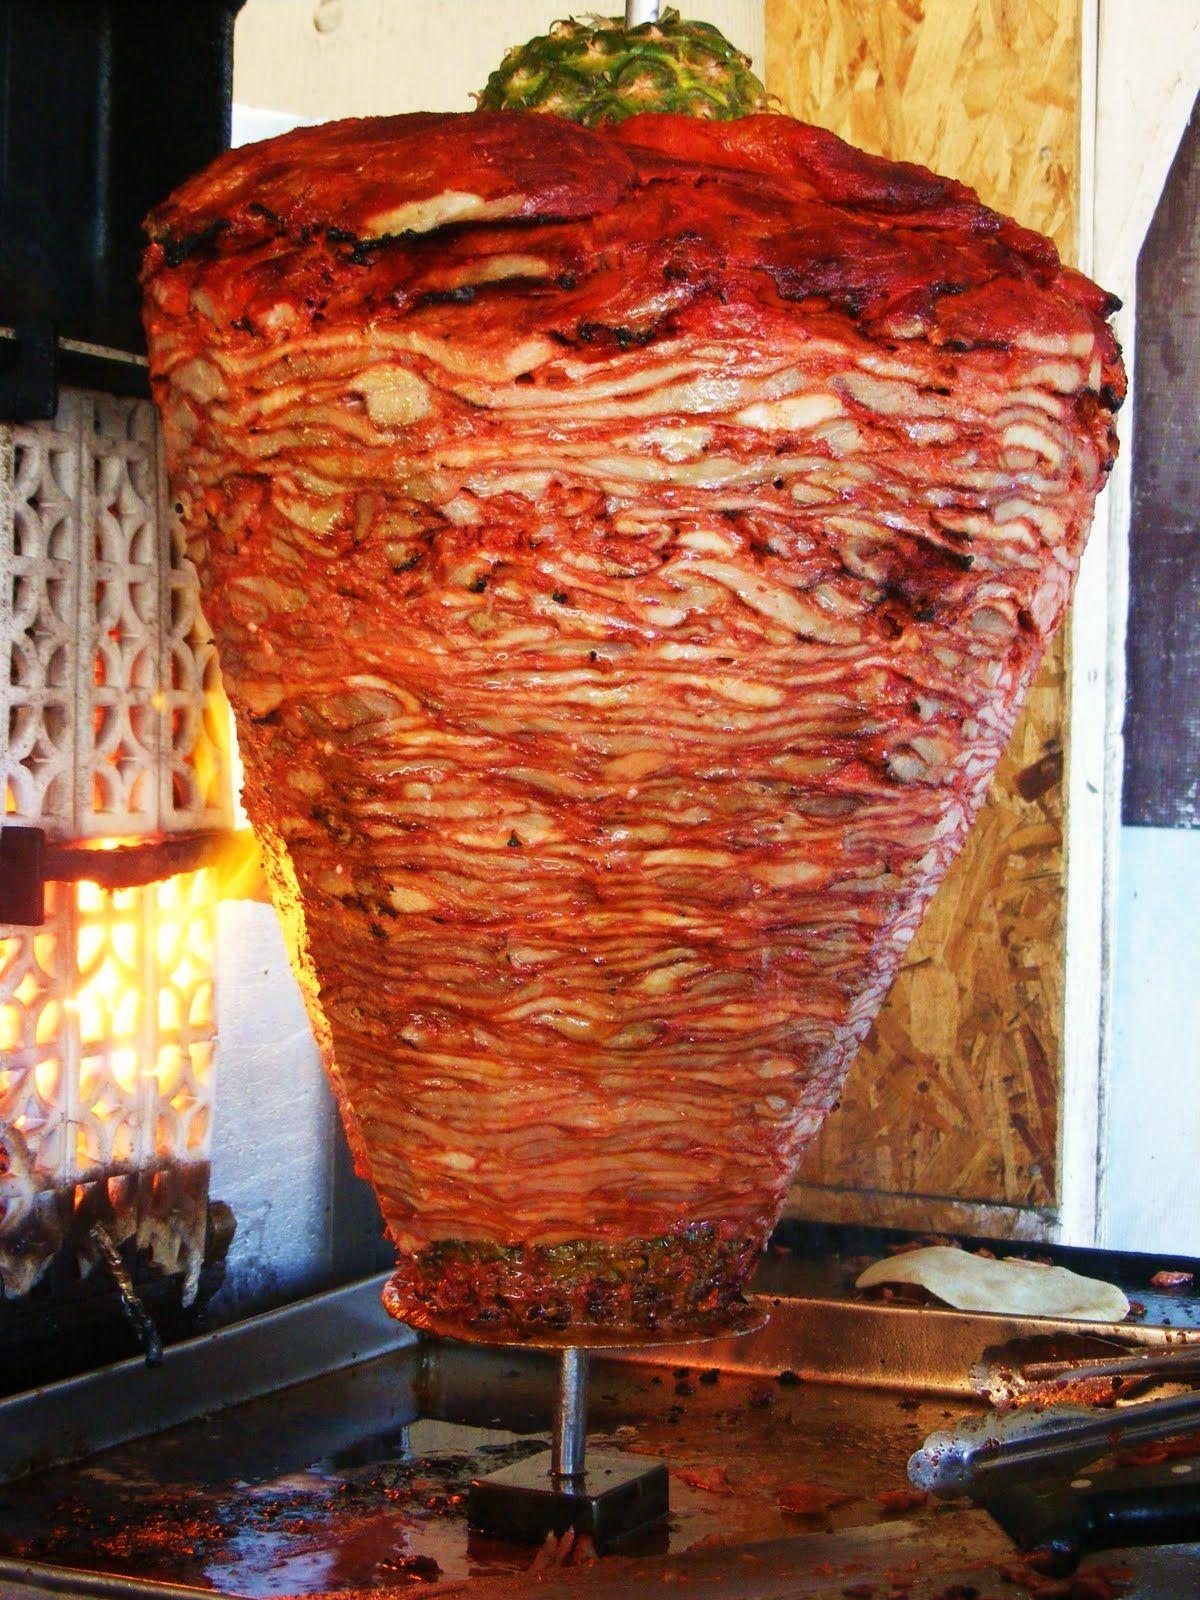 trompo de carne preparada para los tacos al pastor comida y bebidas regionales de m xico. Black Bedroom Furniture Sets. Home Design Ideas